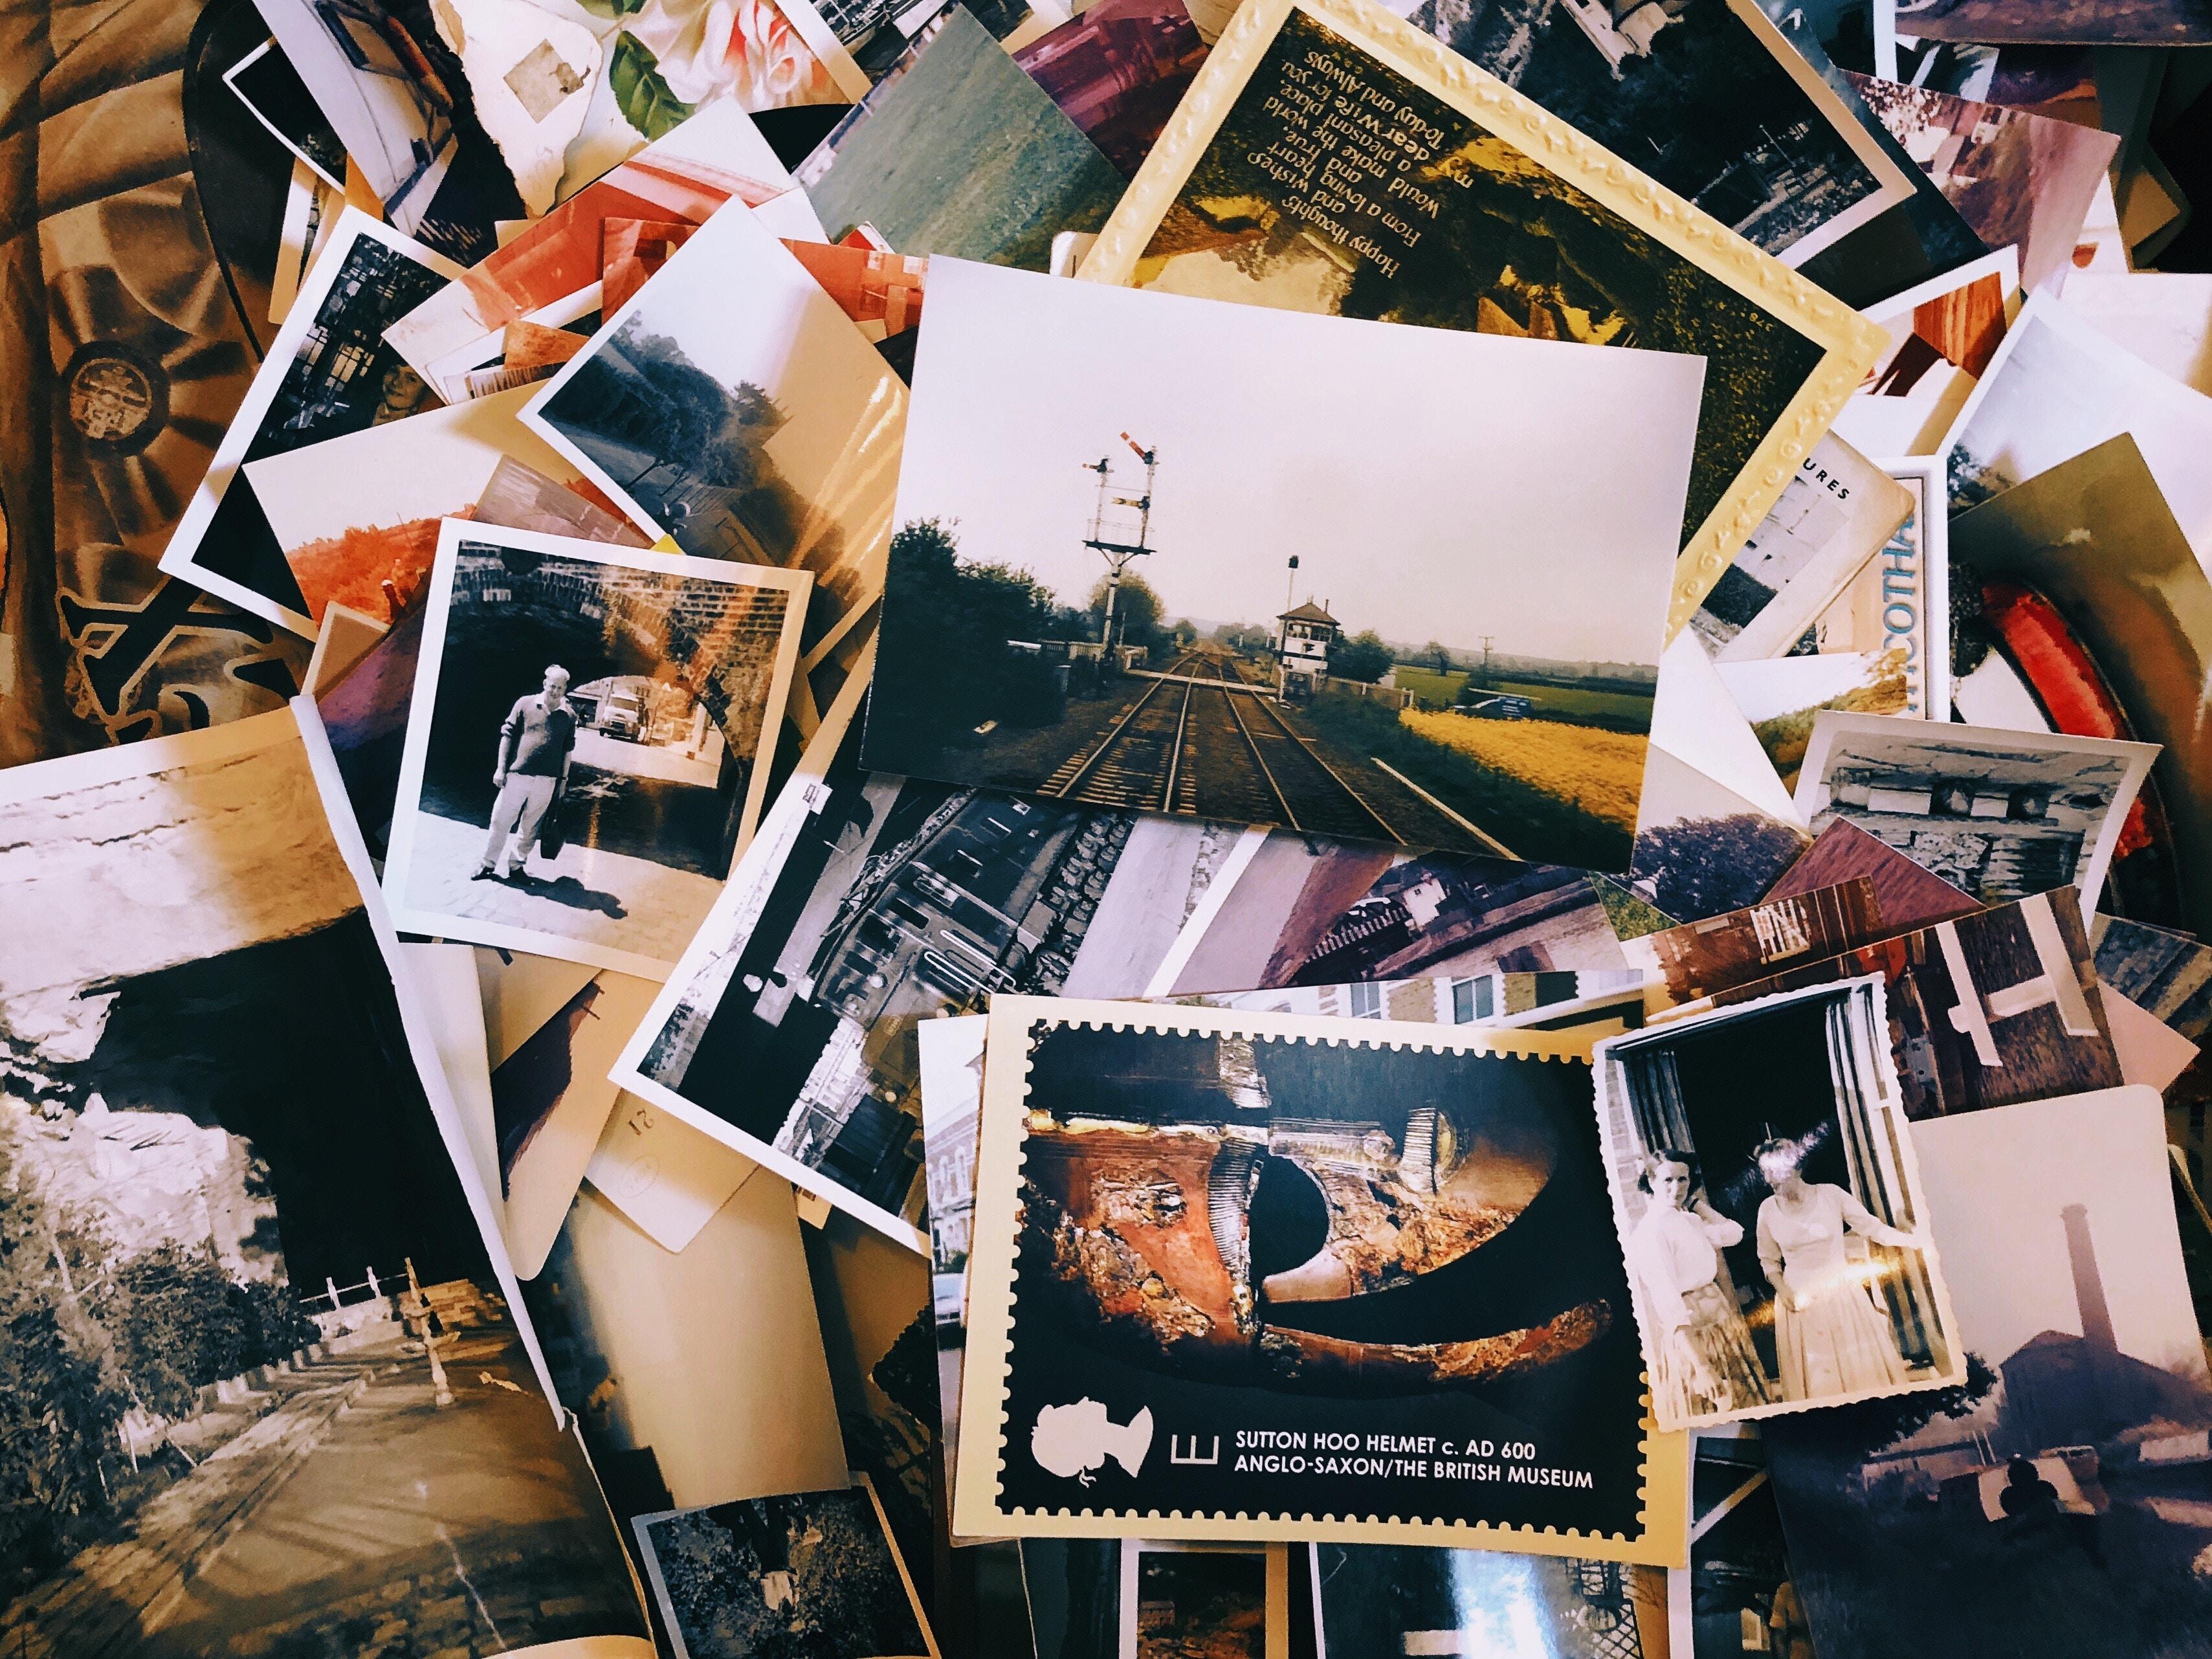 Billeder er endnu flottere i en fotobog